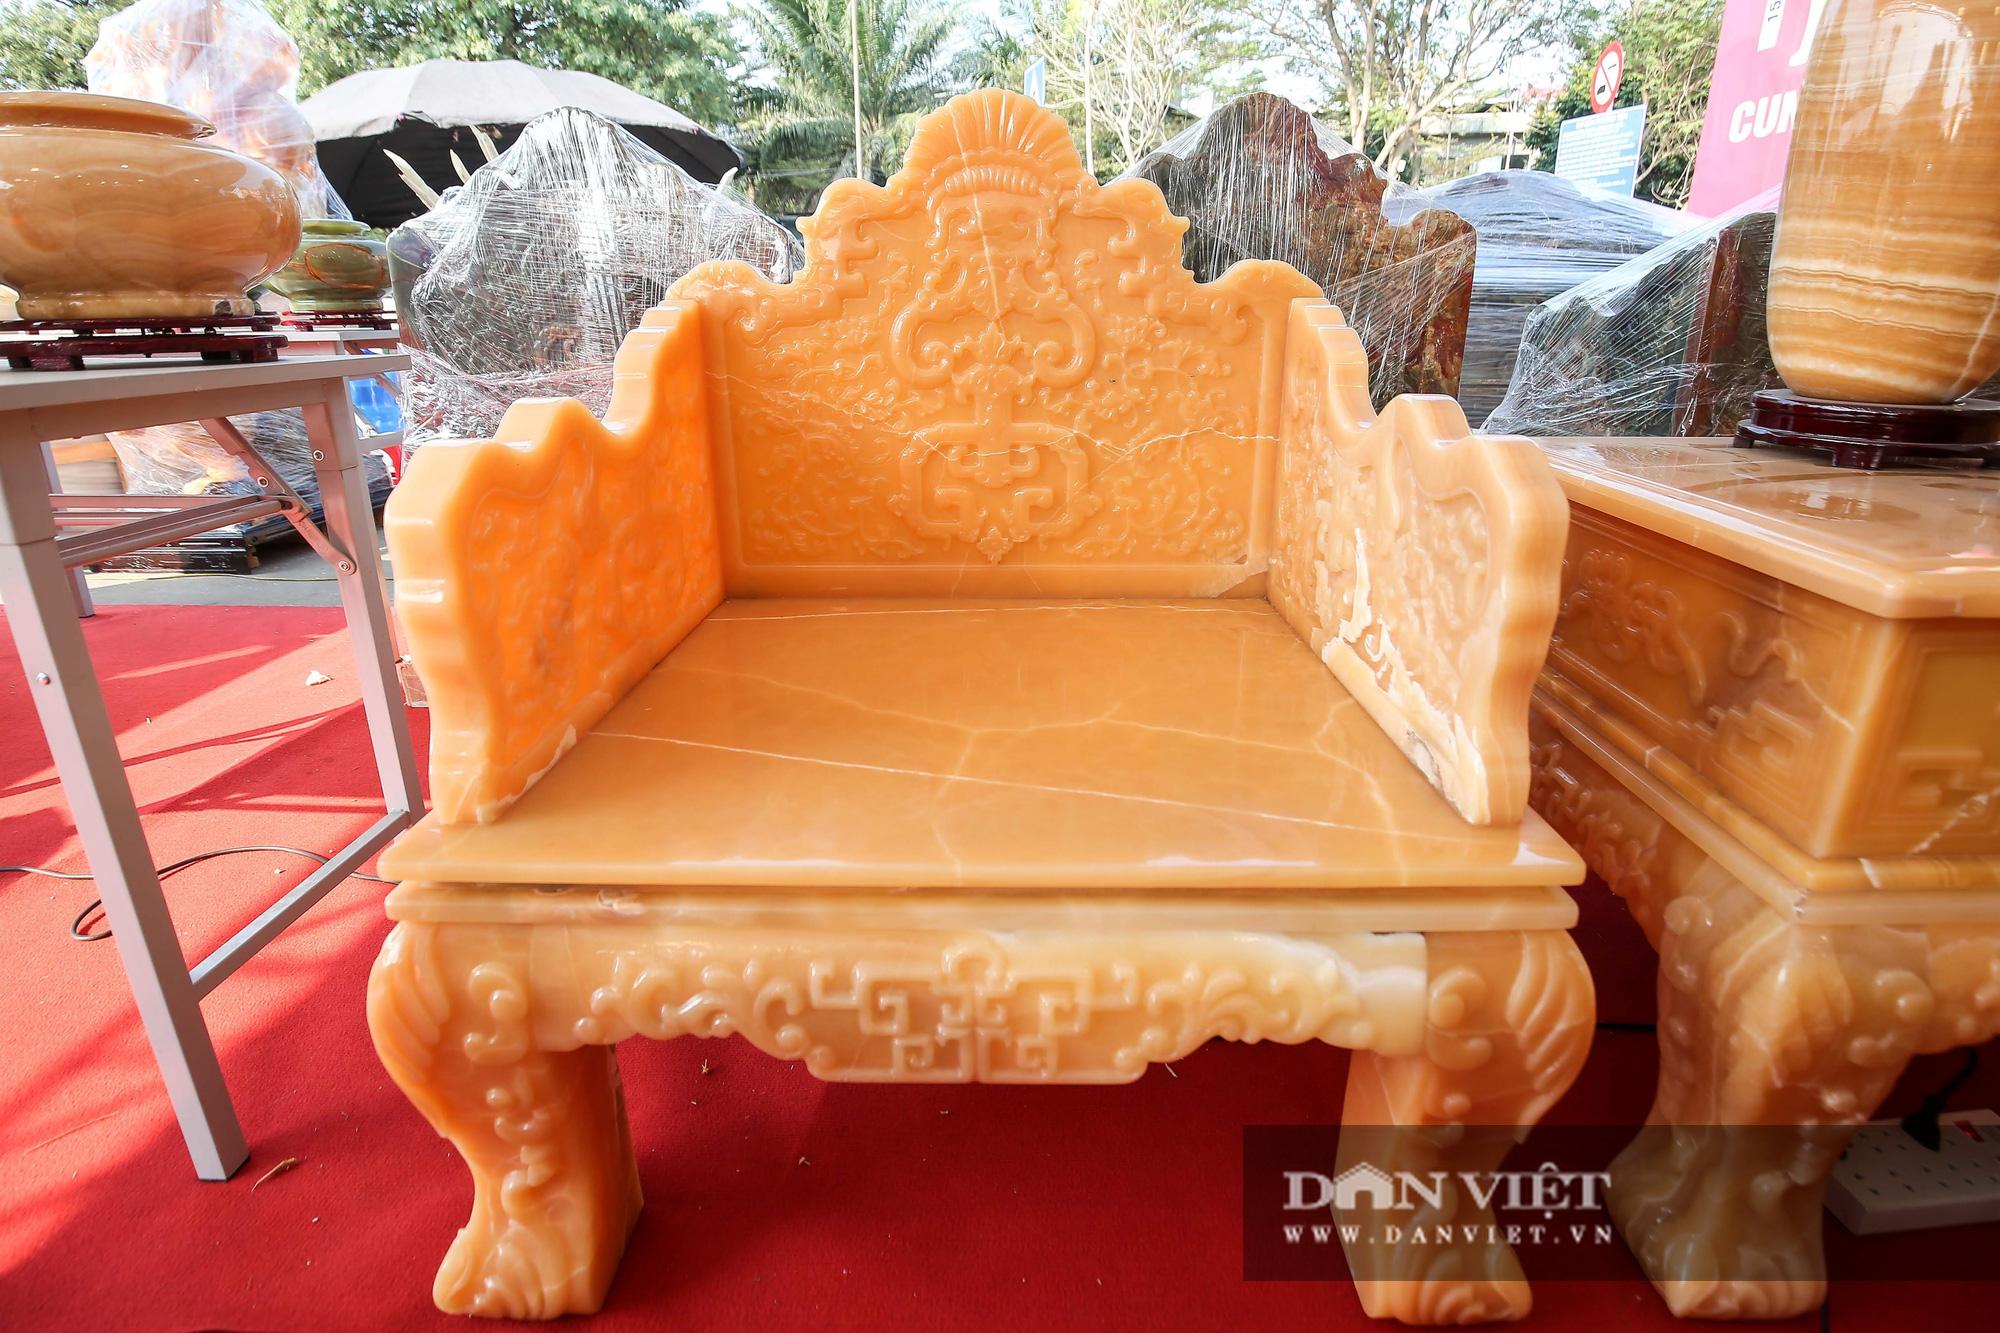 Xôn xao bộ bàn ghế làm bằng ngọc Hoàng Long giá tiền tỷ tại Hà Nội - Ảnh 7.